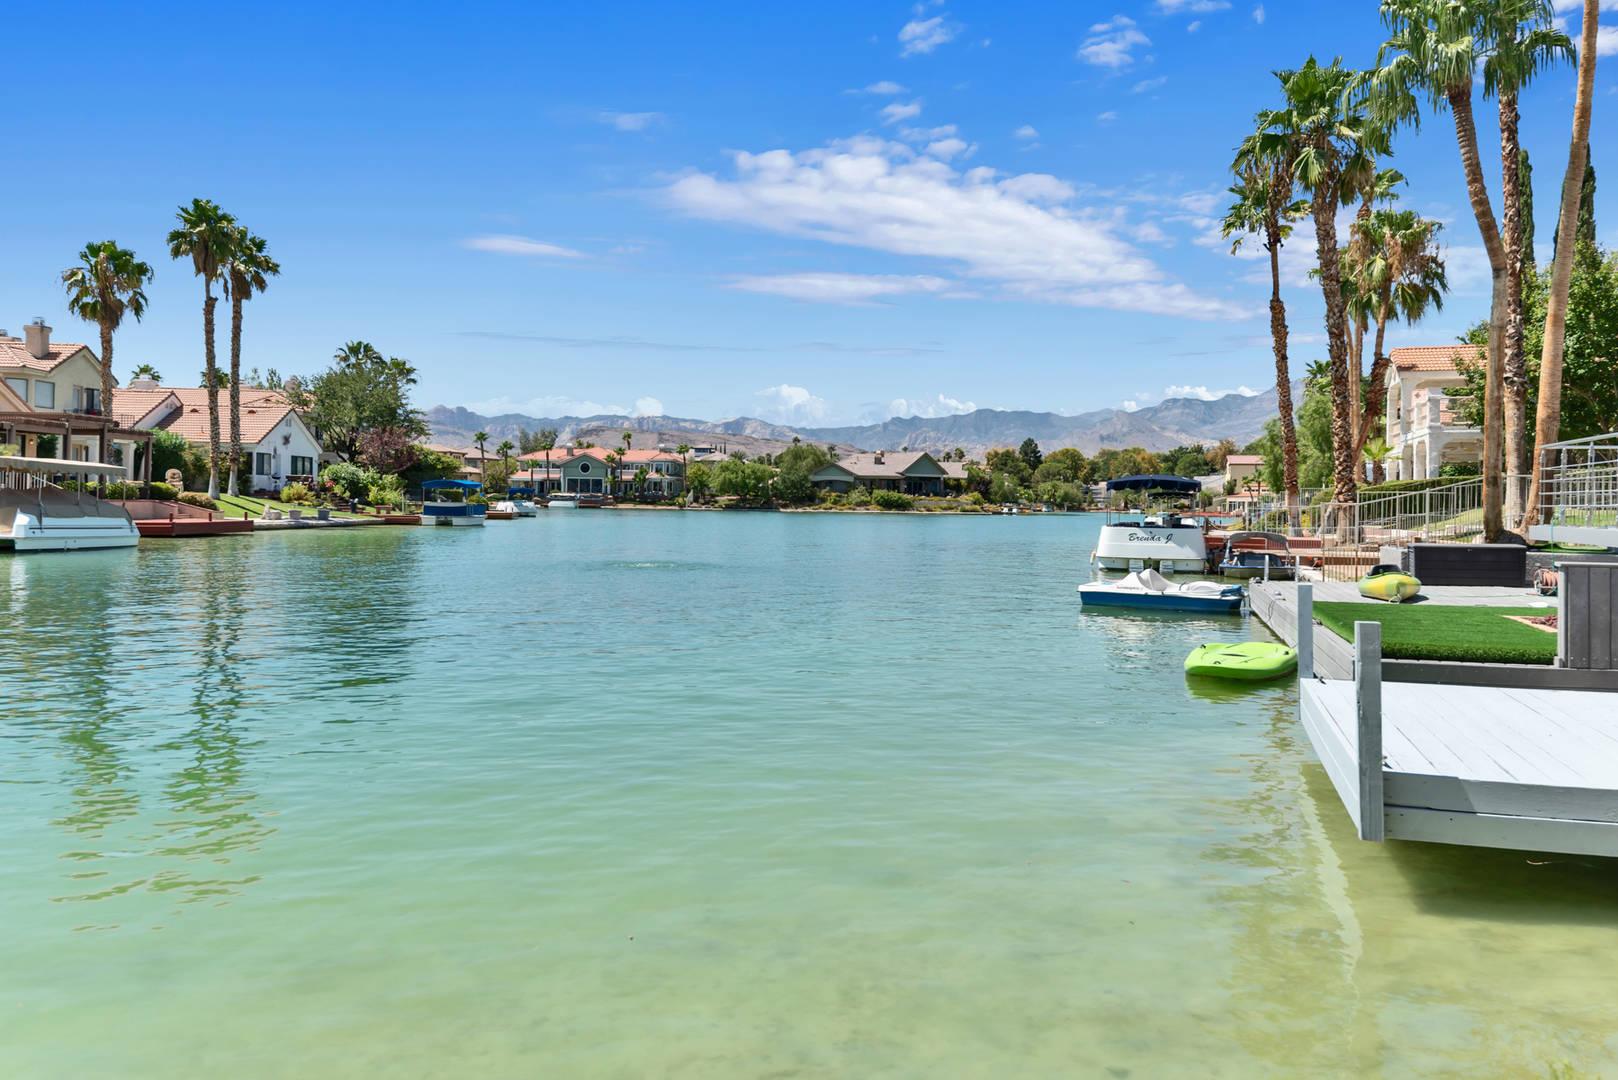 3061 Waterside Cir Las Vegas, NV 89117